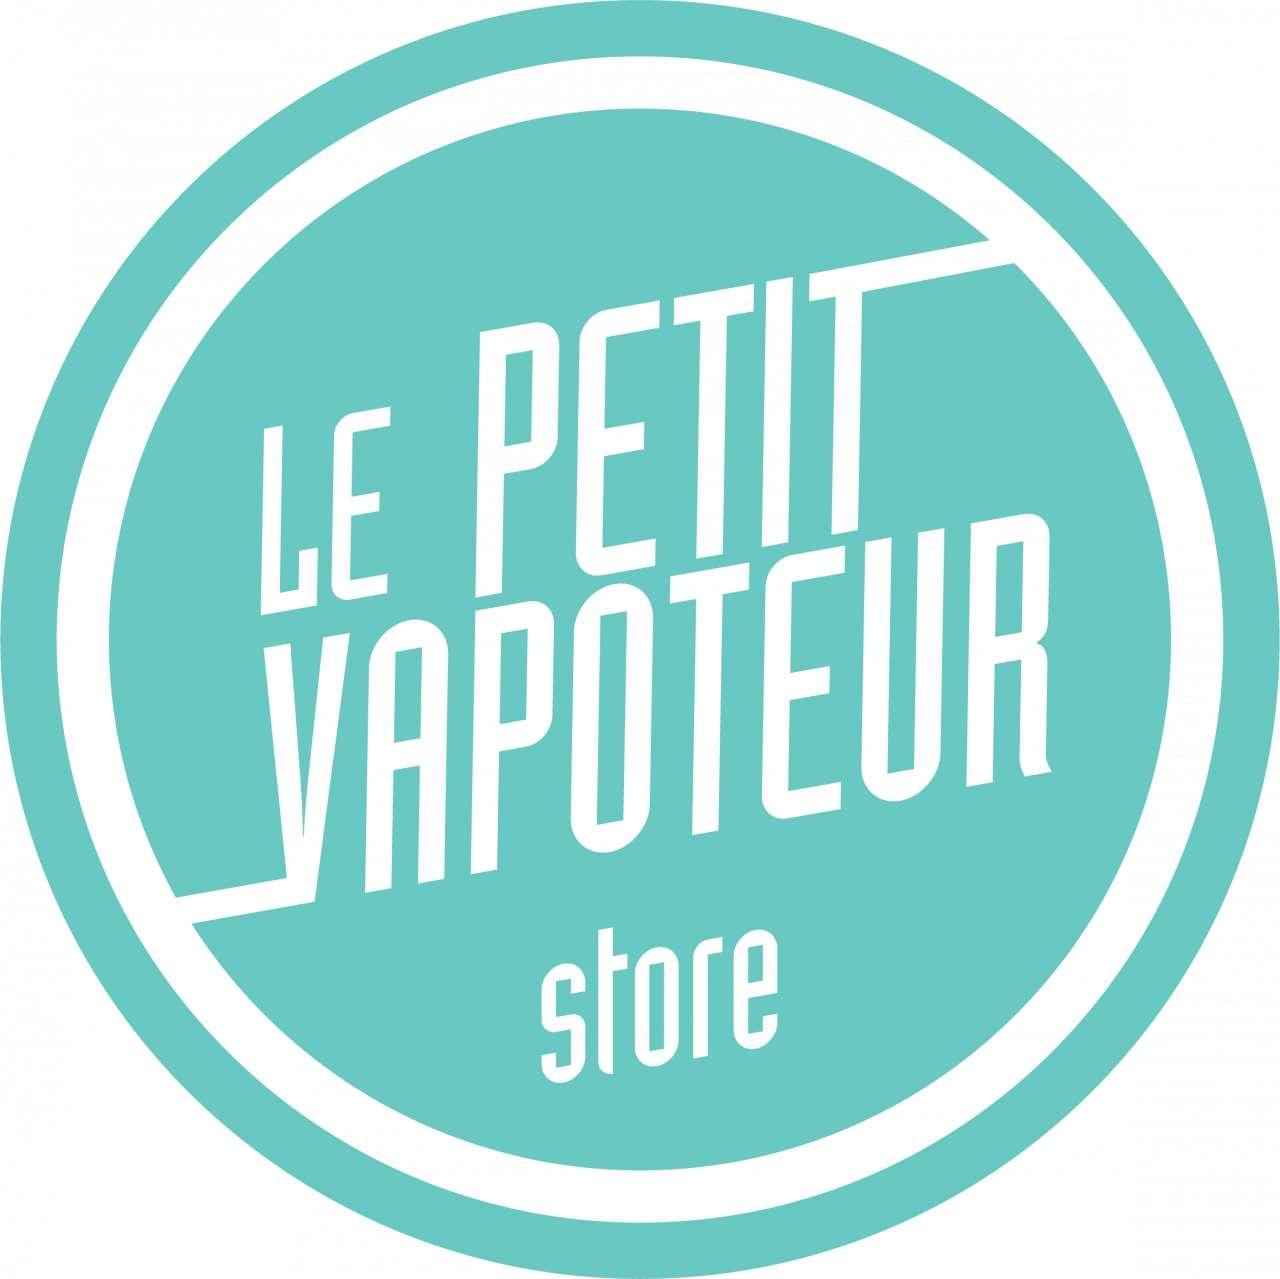 Boutique de vape spécialisée LE PETIT VAPOTEUR STORE située à GRANVILLE